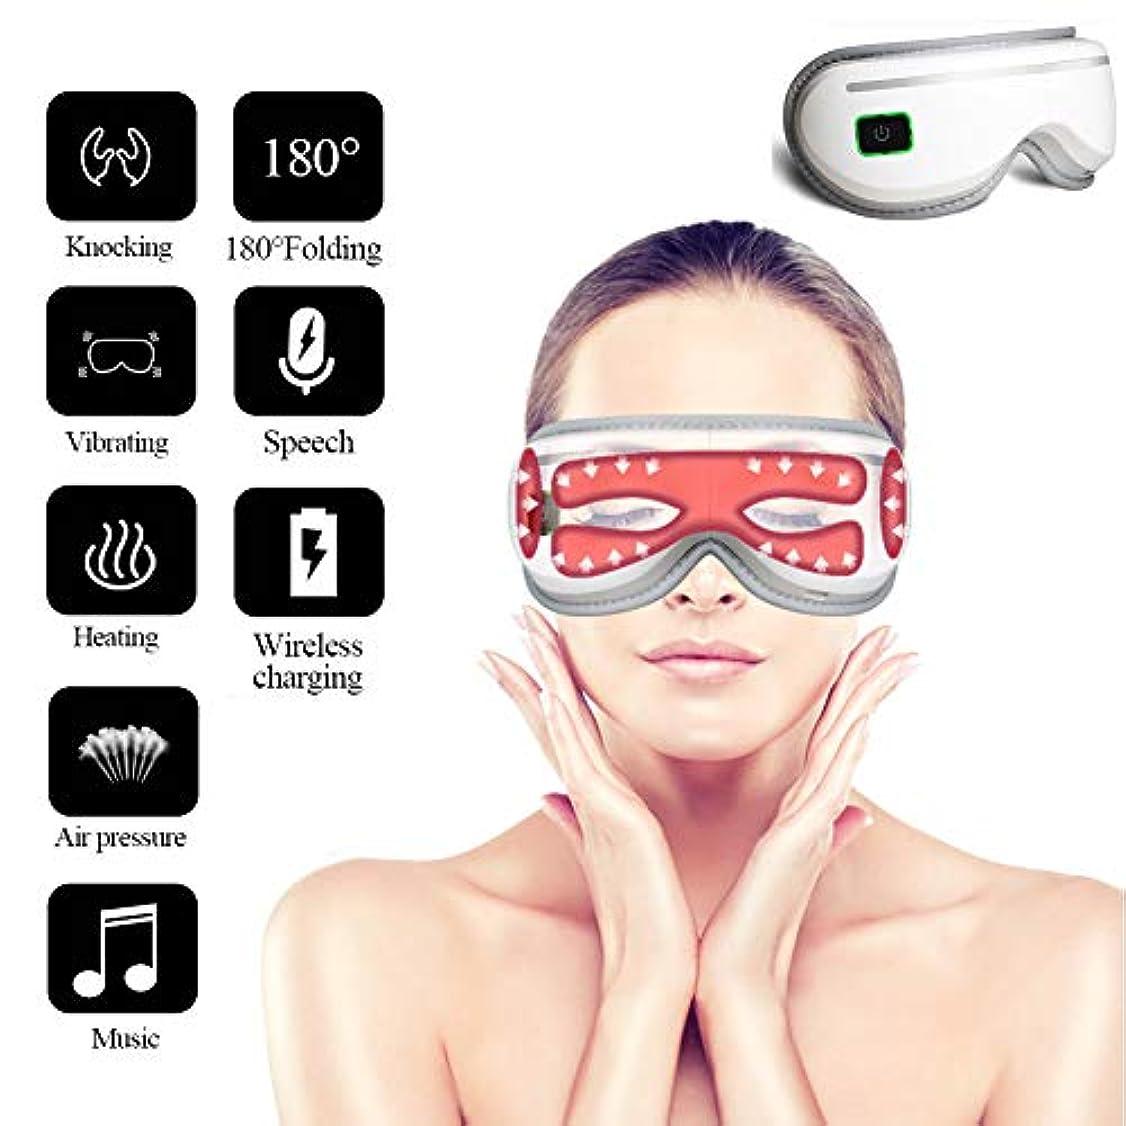 緩むシネマ一定電動アイマッサージマスク音楽頭痛ストレスリリーフ折り畳み式マシンのための3つのモードでリラックス空気圧、熱圧縮、振動マッサージ、ウォシュレットギフト